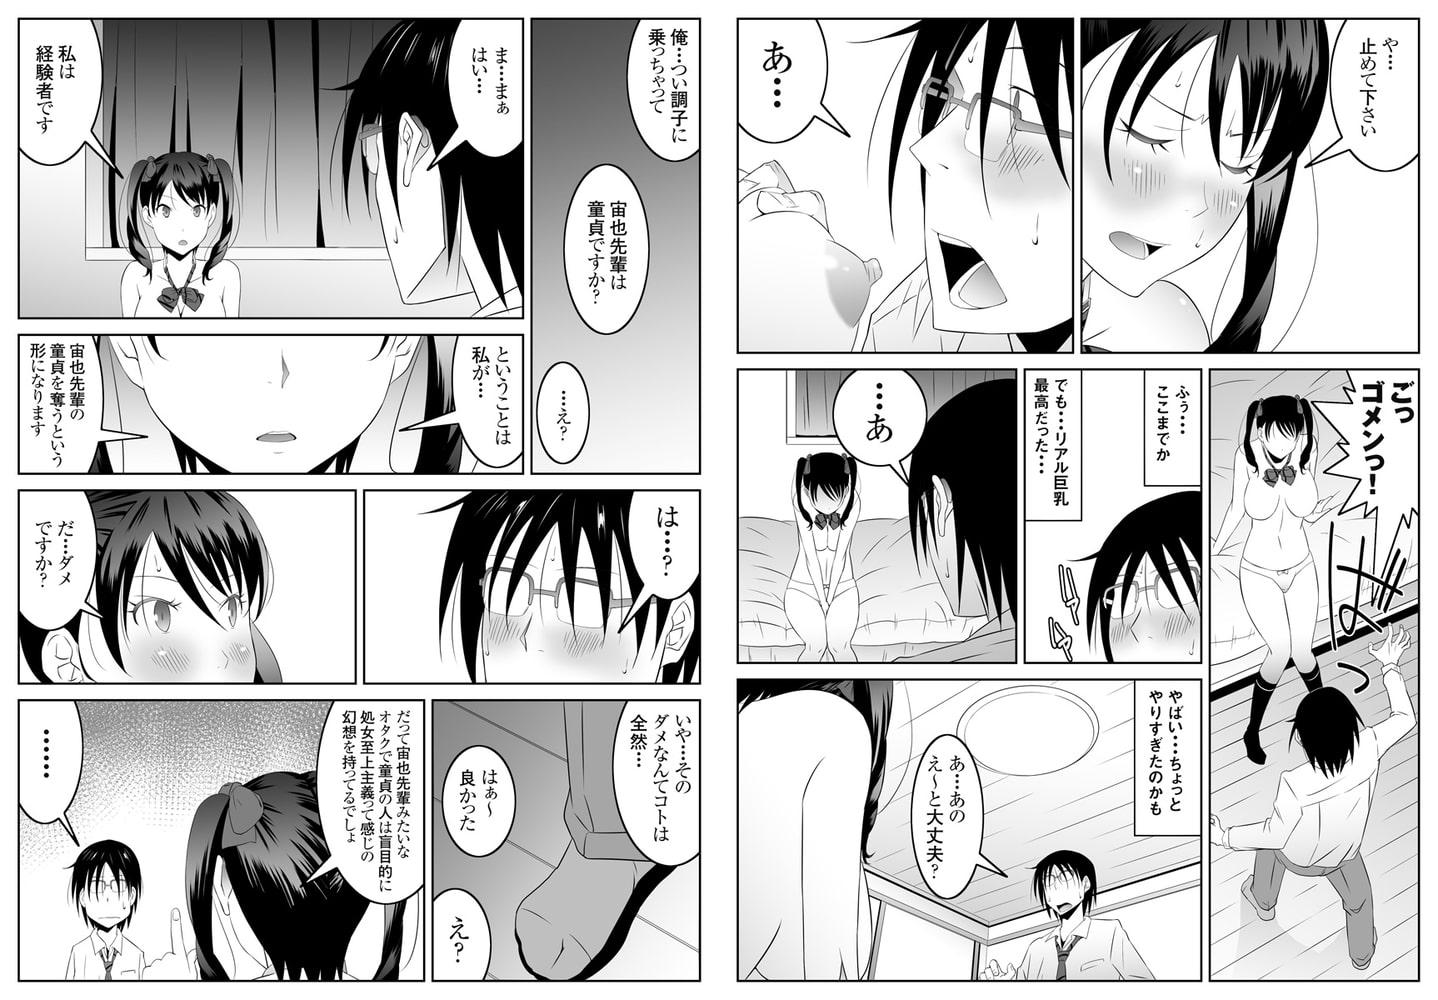 後輩の瑛奈ちゃんは気持ちの良いセックスがしたい! 2巻